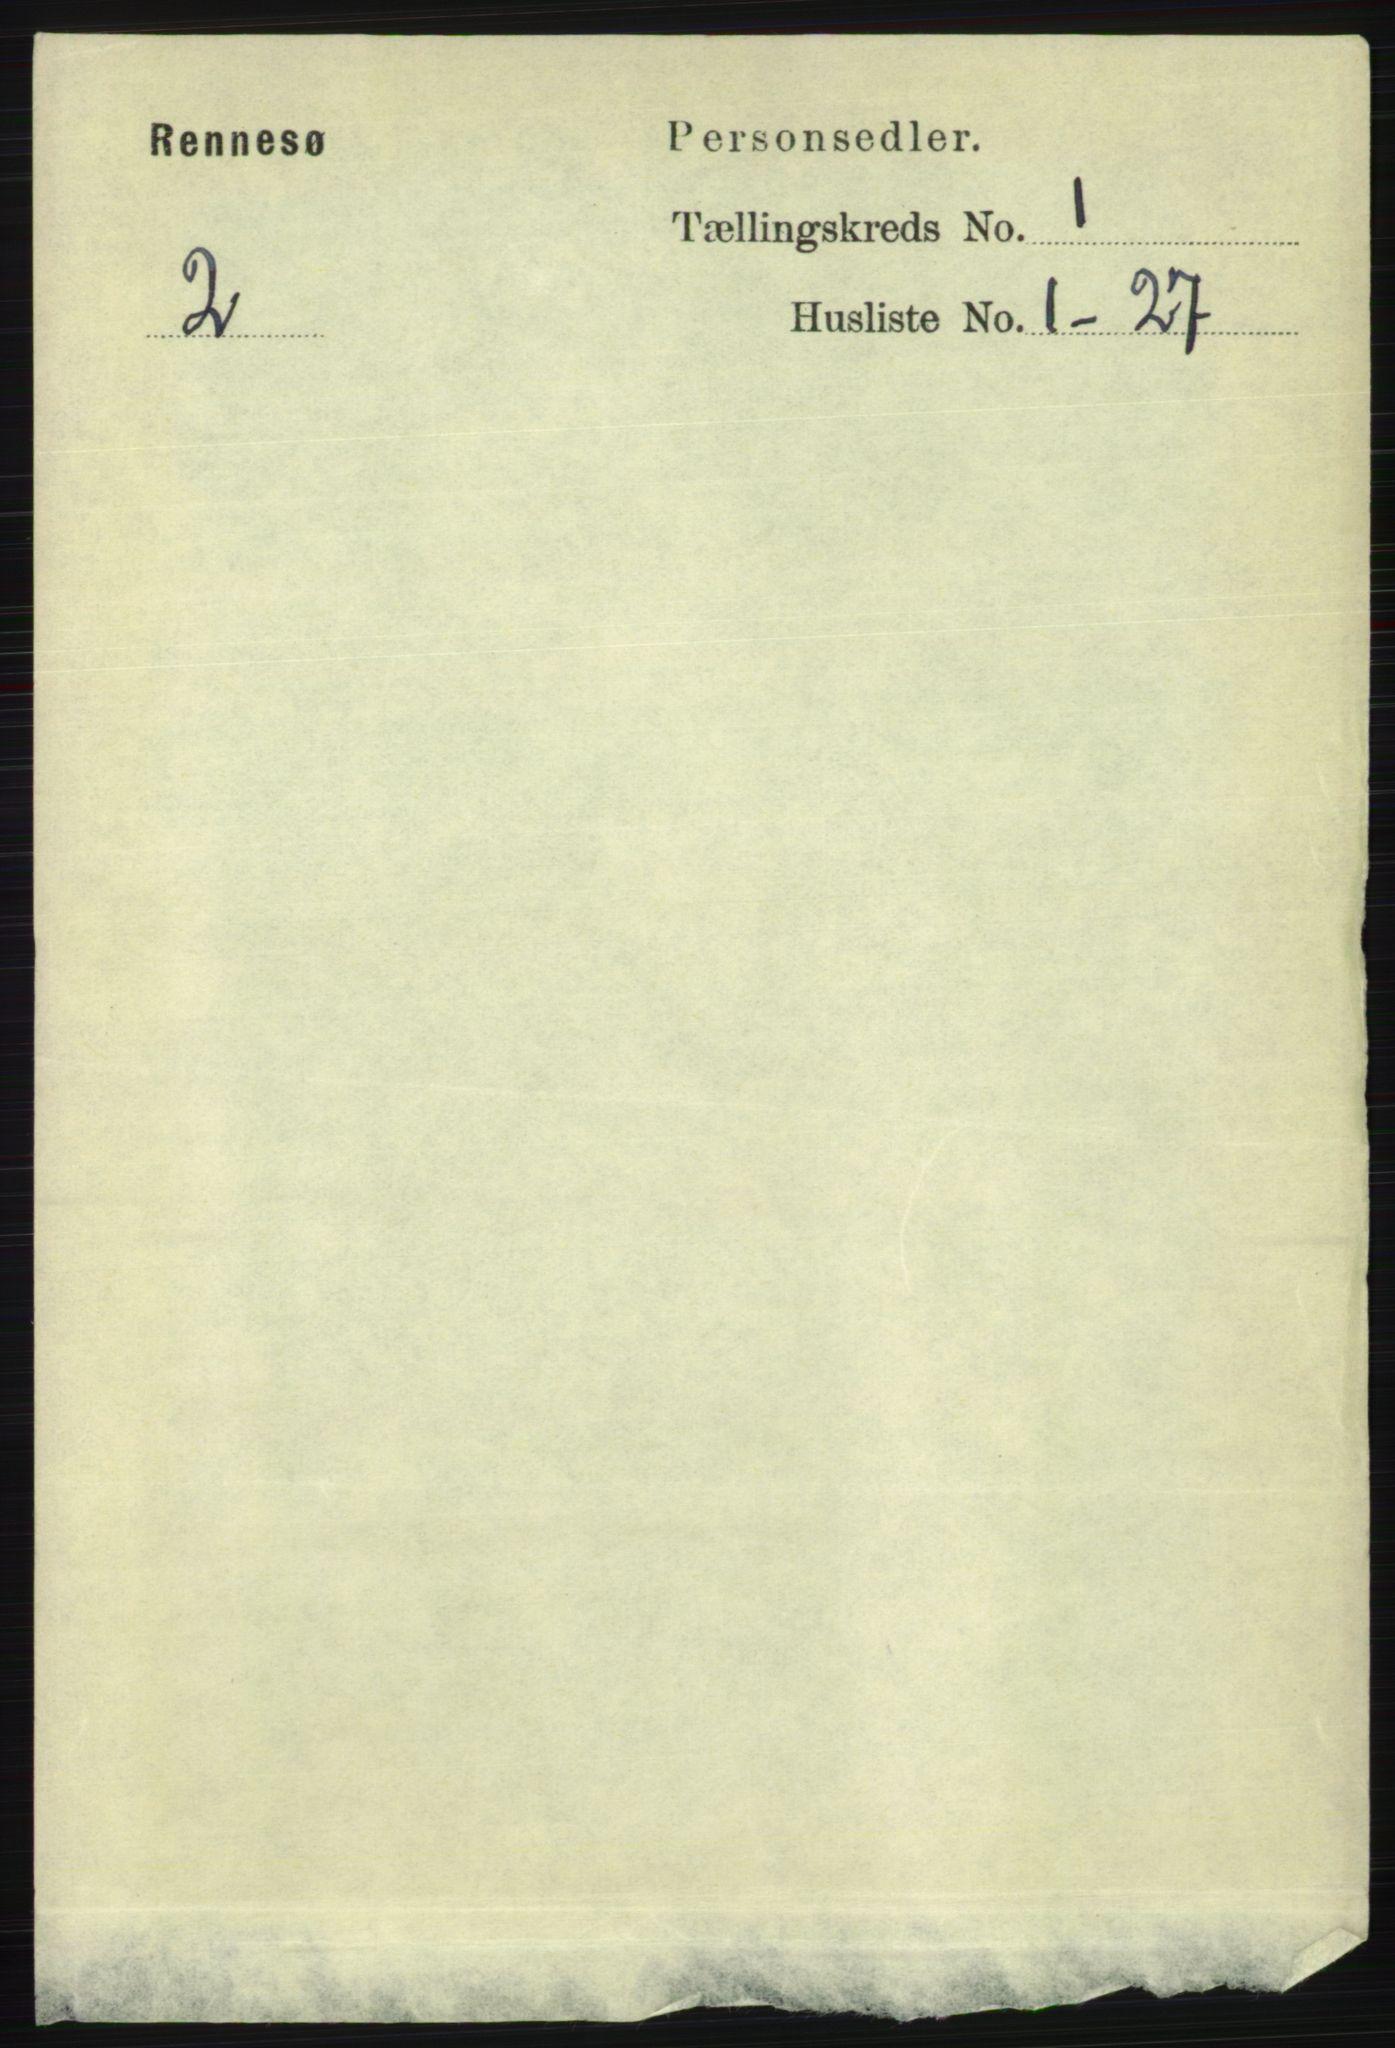 RA, Folketelling 1891 for 1142 Rennesøy herred, 1891, s. 63